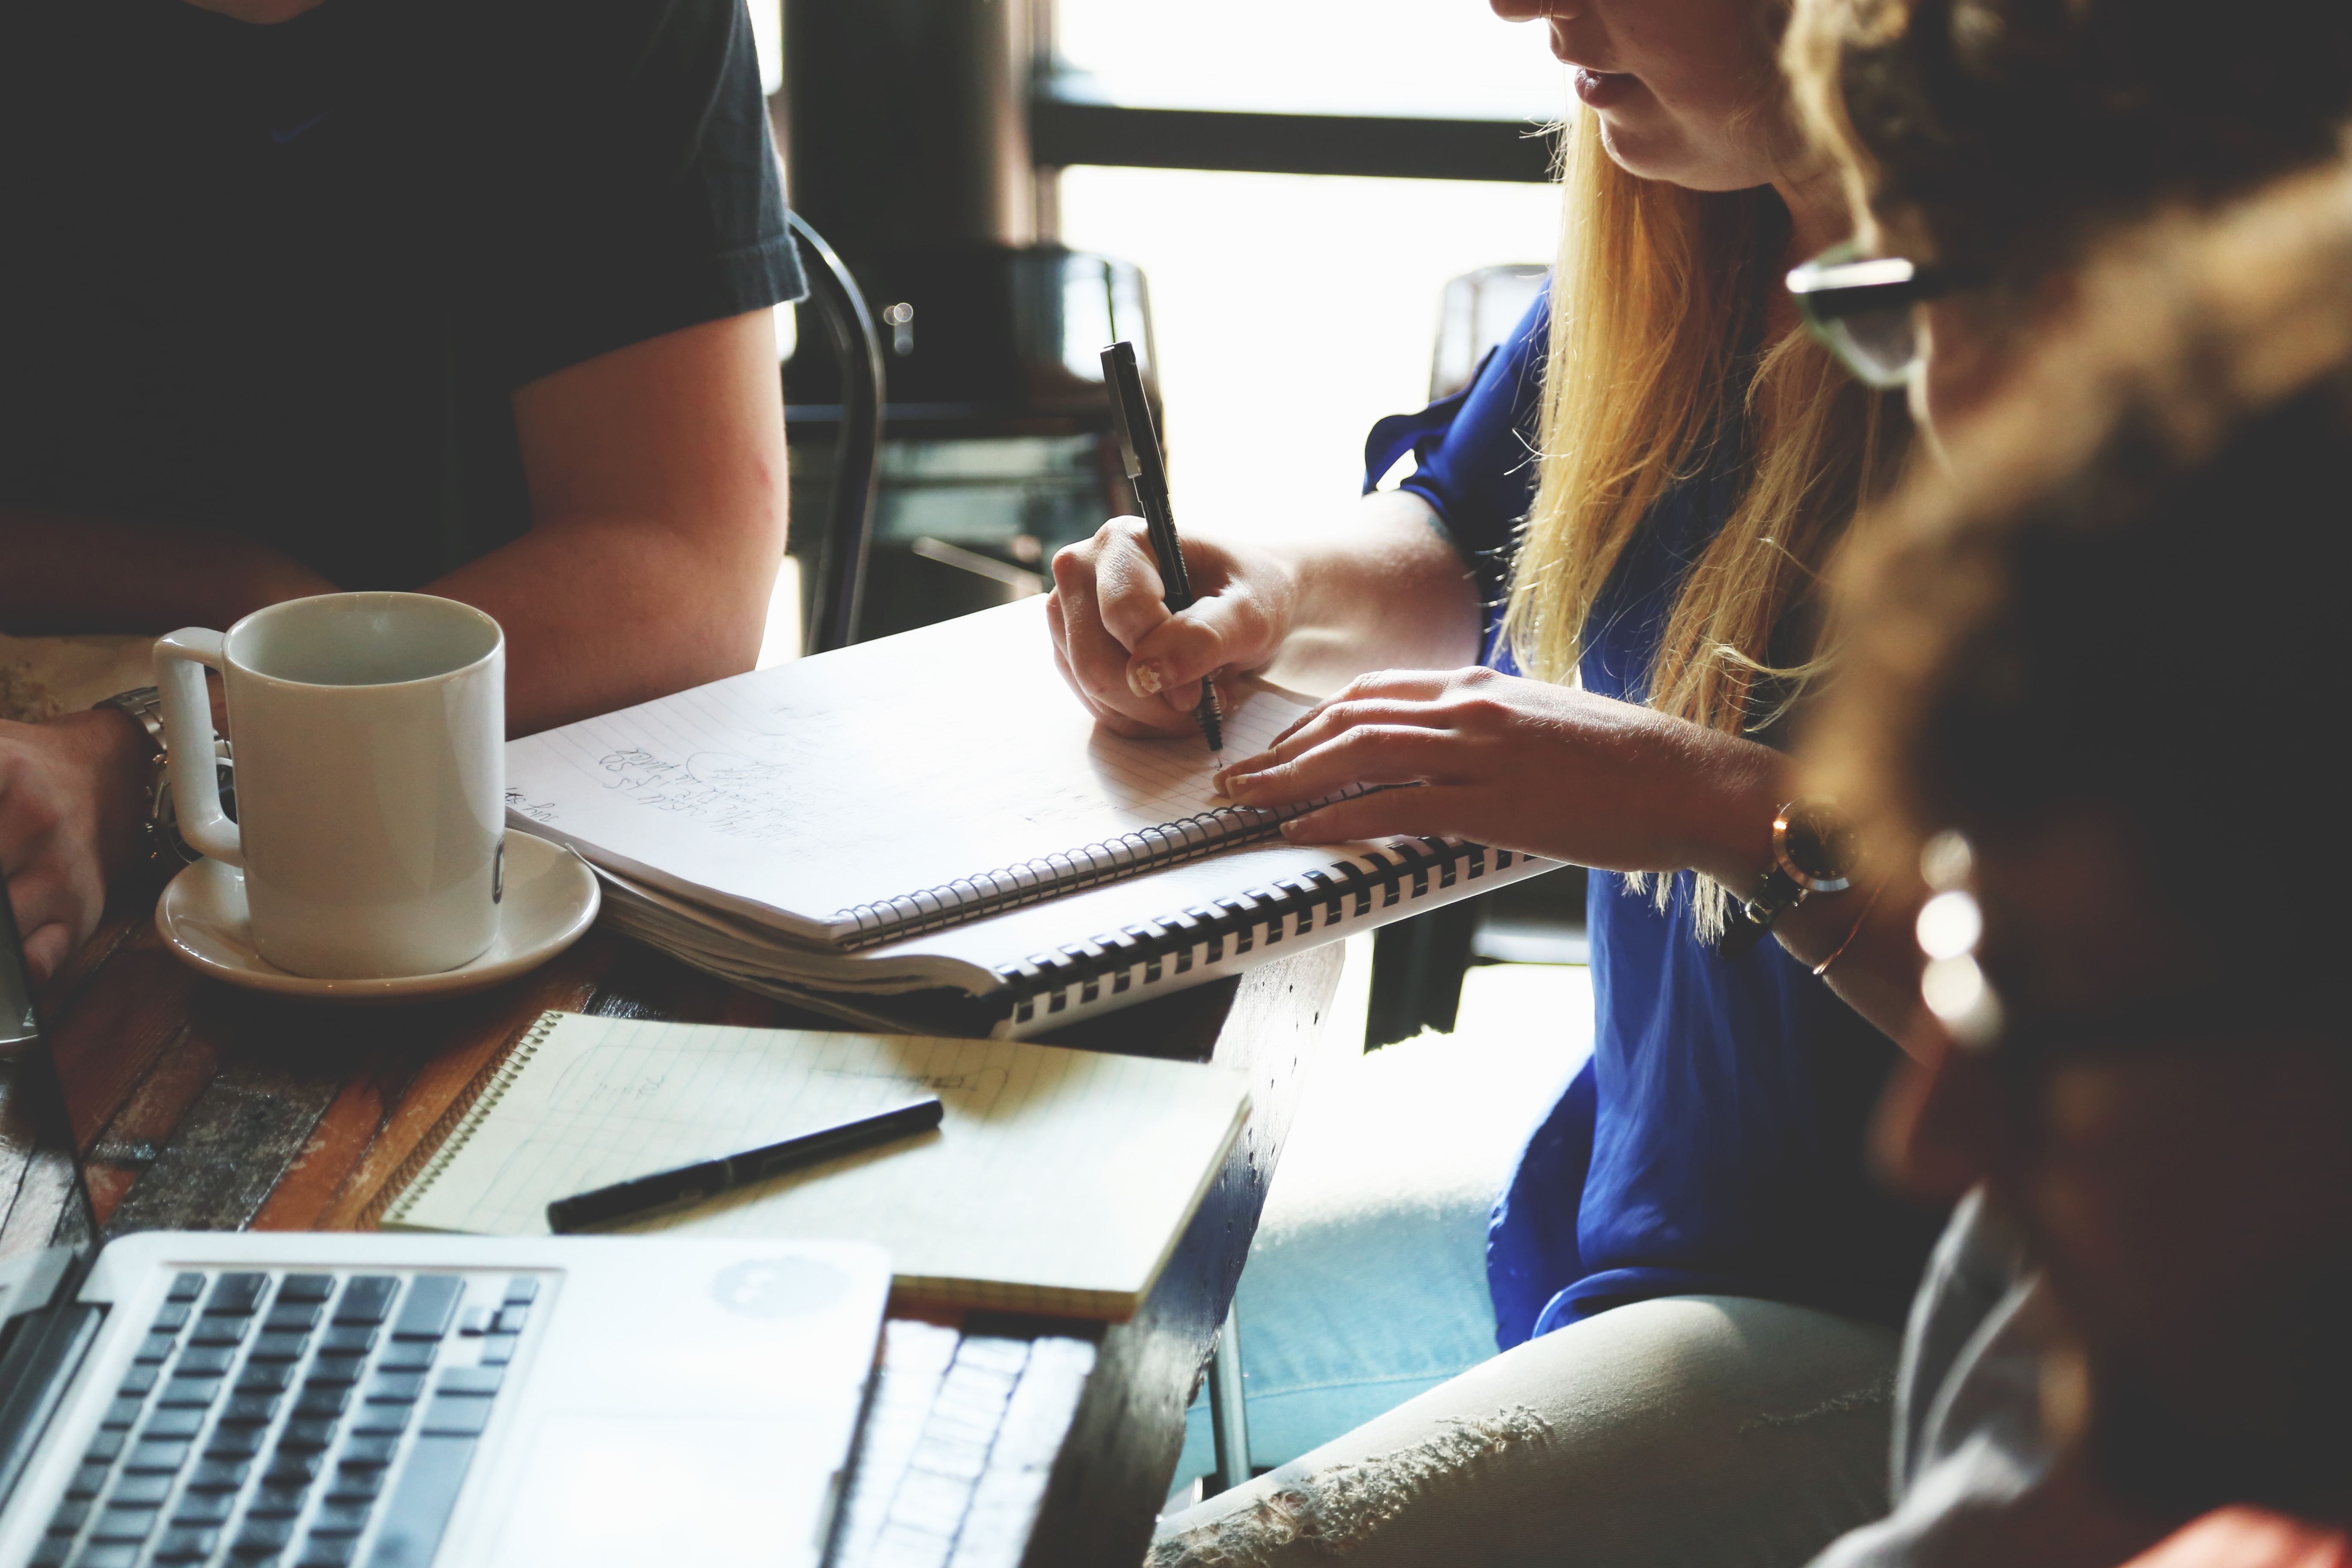 Freebe : Le Cohoming, Coworking, FrenchWorking, ... - Quelles sont les nouvelles méthodes pour travailler ?